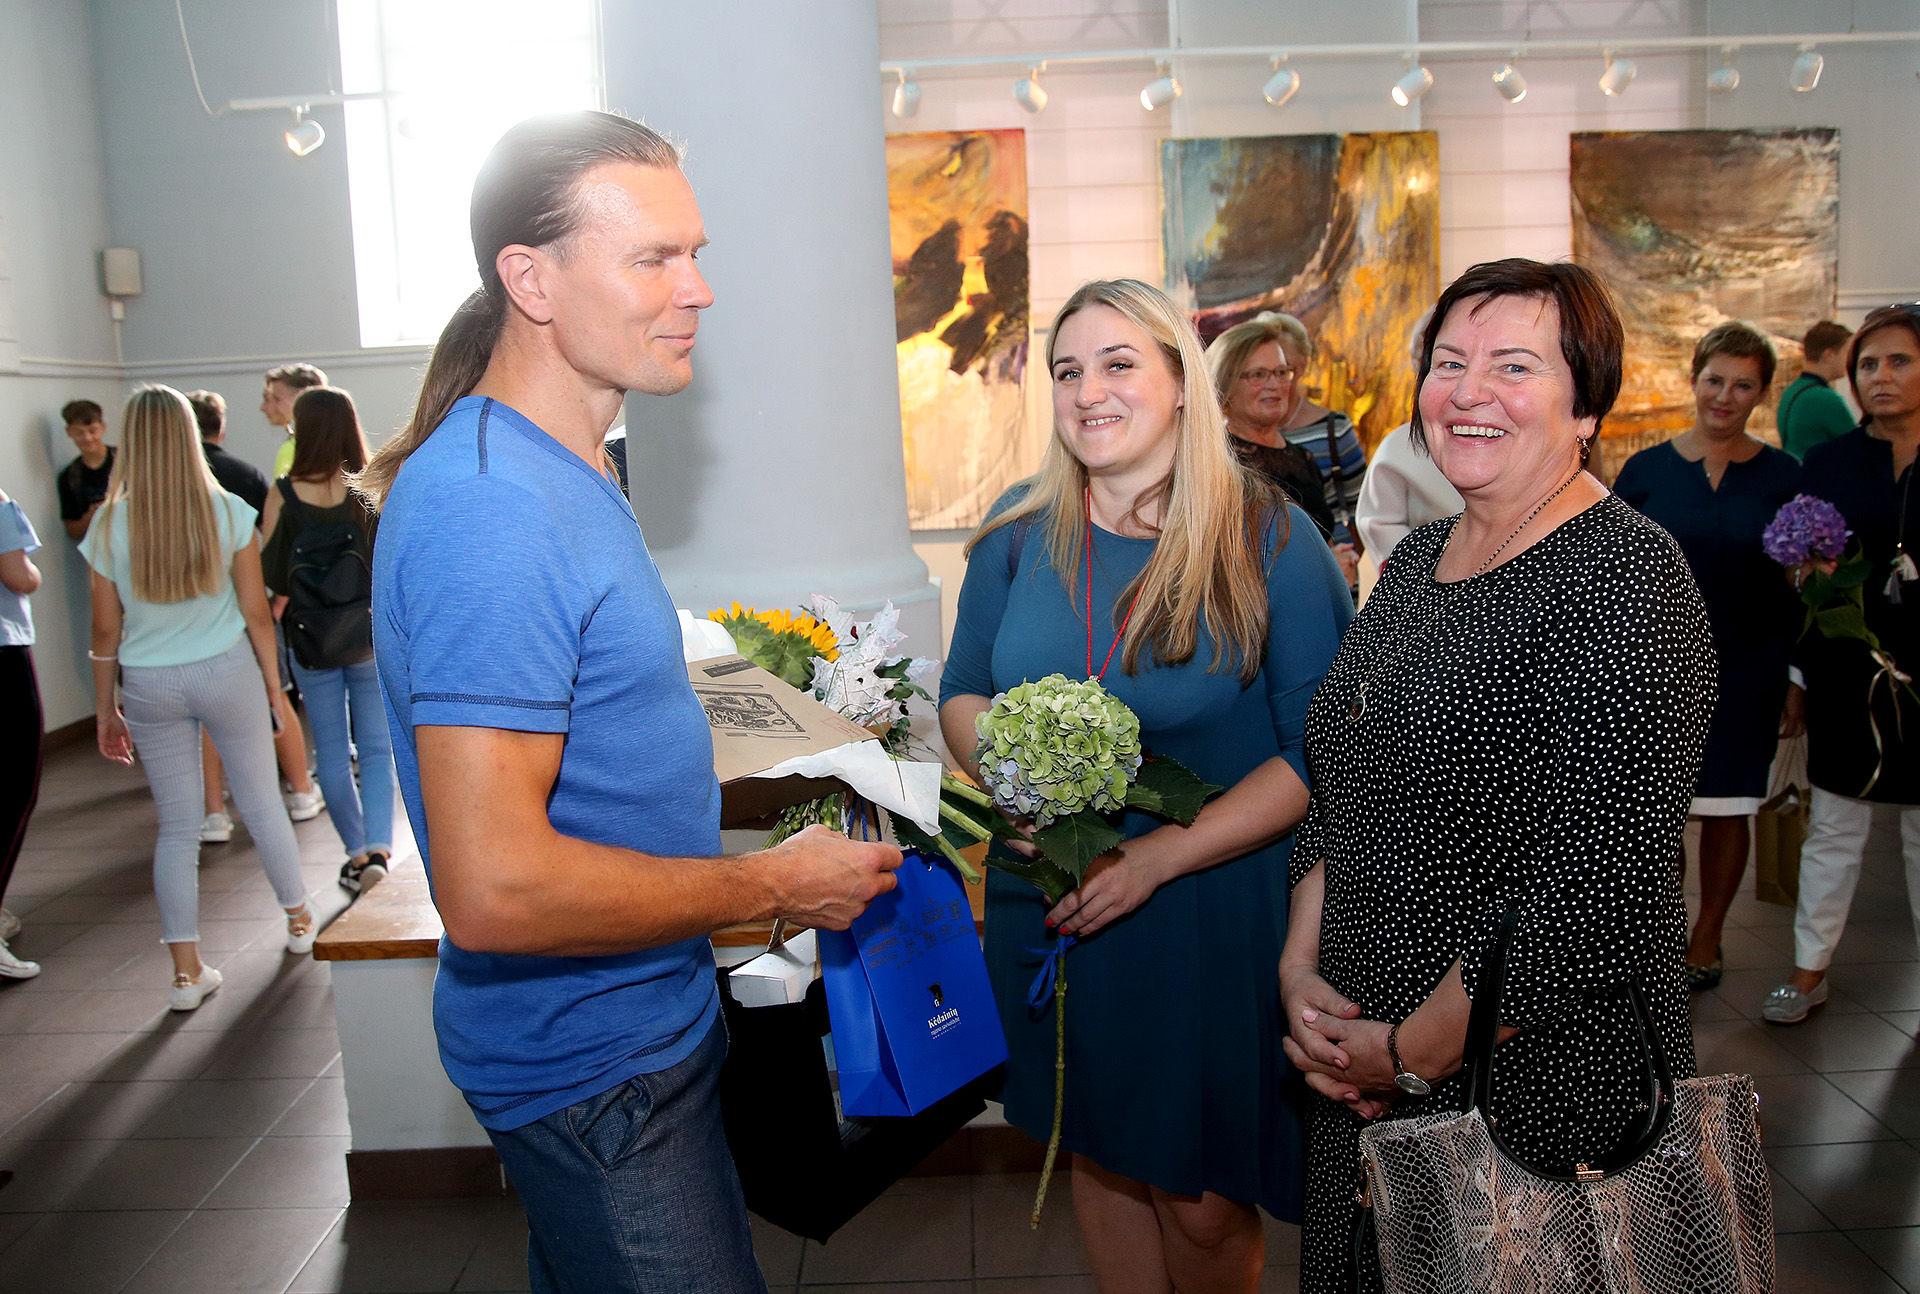 Menininką sveikino Janinos Monkutės-Marks muziejaus-galerijos direktorė Dalia Minkevičienė-Jazdauskienė (dešinėje) ir minėtos galerijos kuratorė Asta Fedaravičiūtė-Jasiūnė. A. Barzdžiaus nuotr.